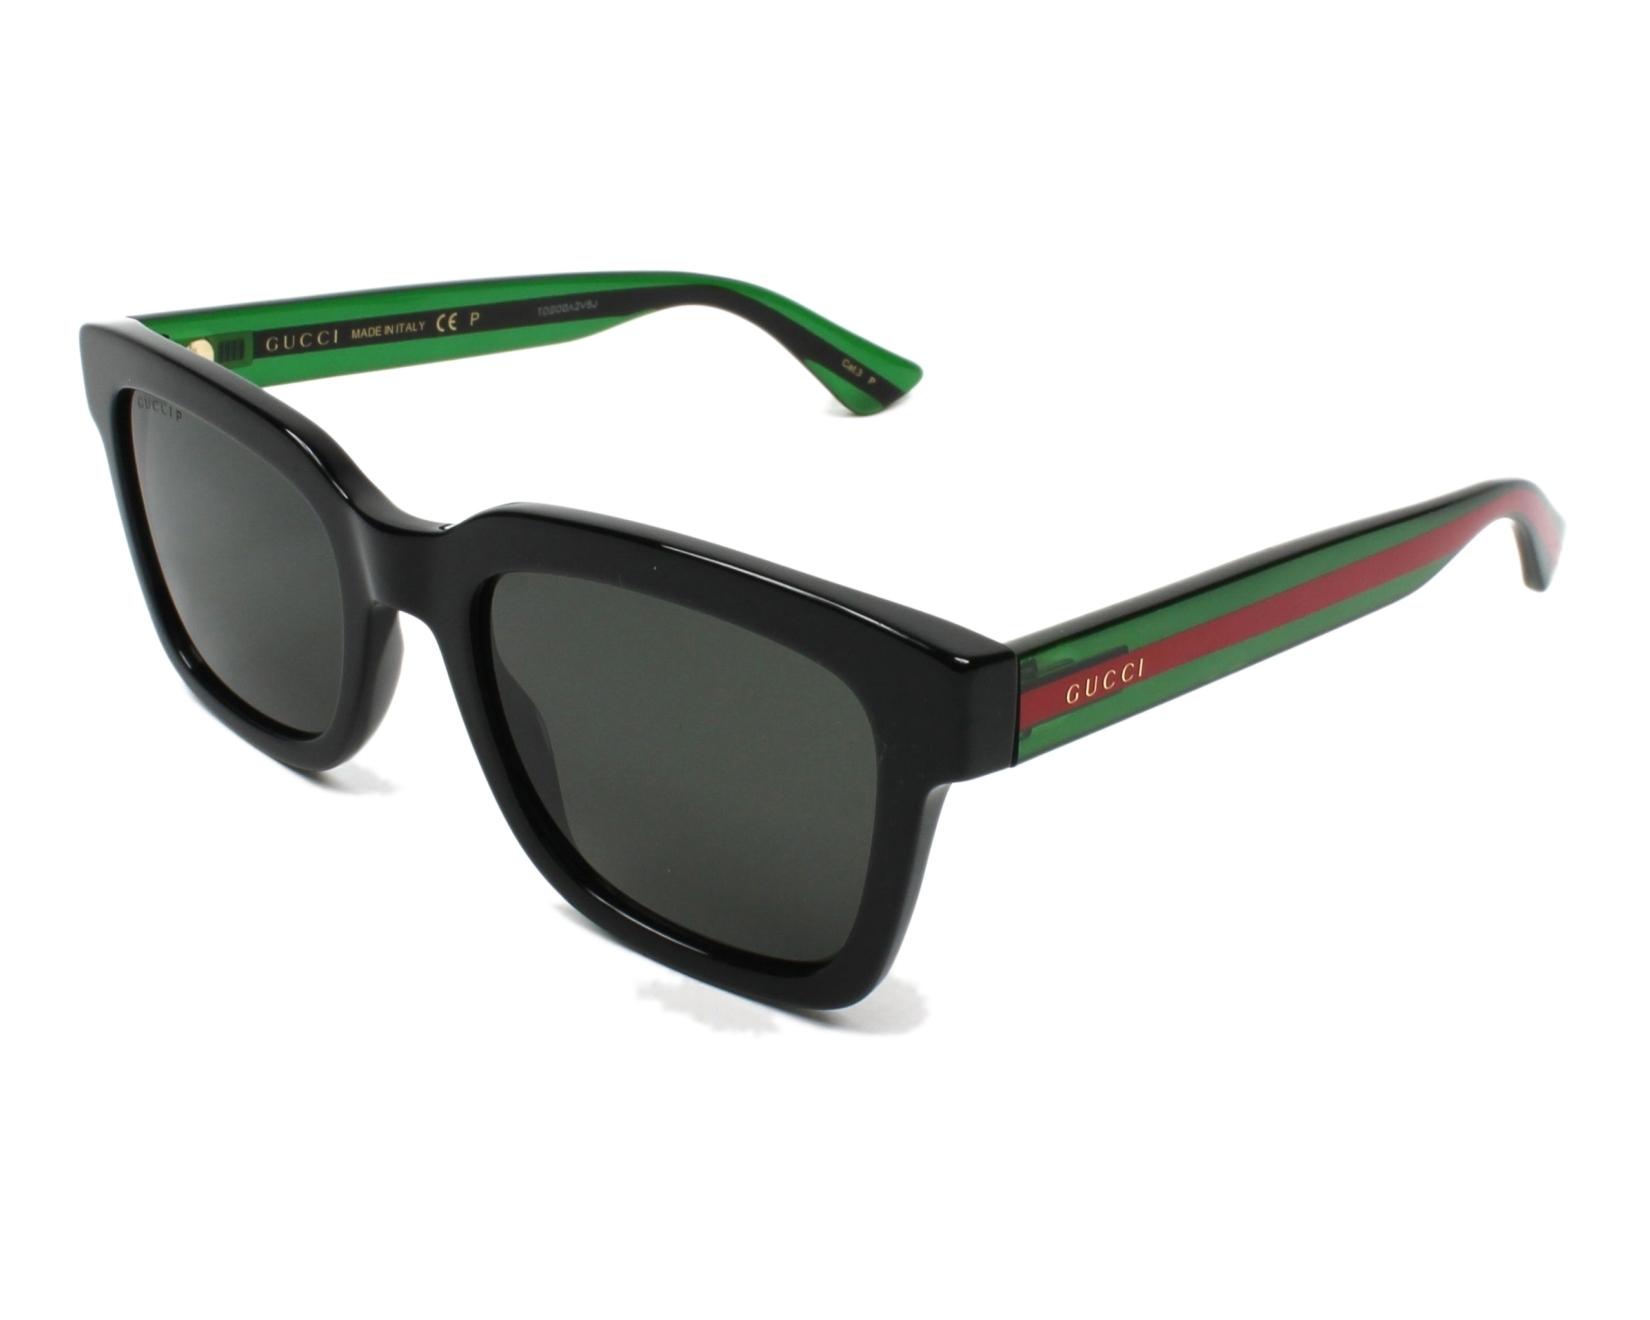 Compre sus gafas de sol Gucci GG-0001-S [color_code] en línea - Visionet